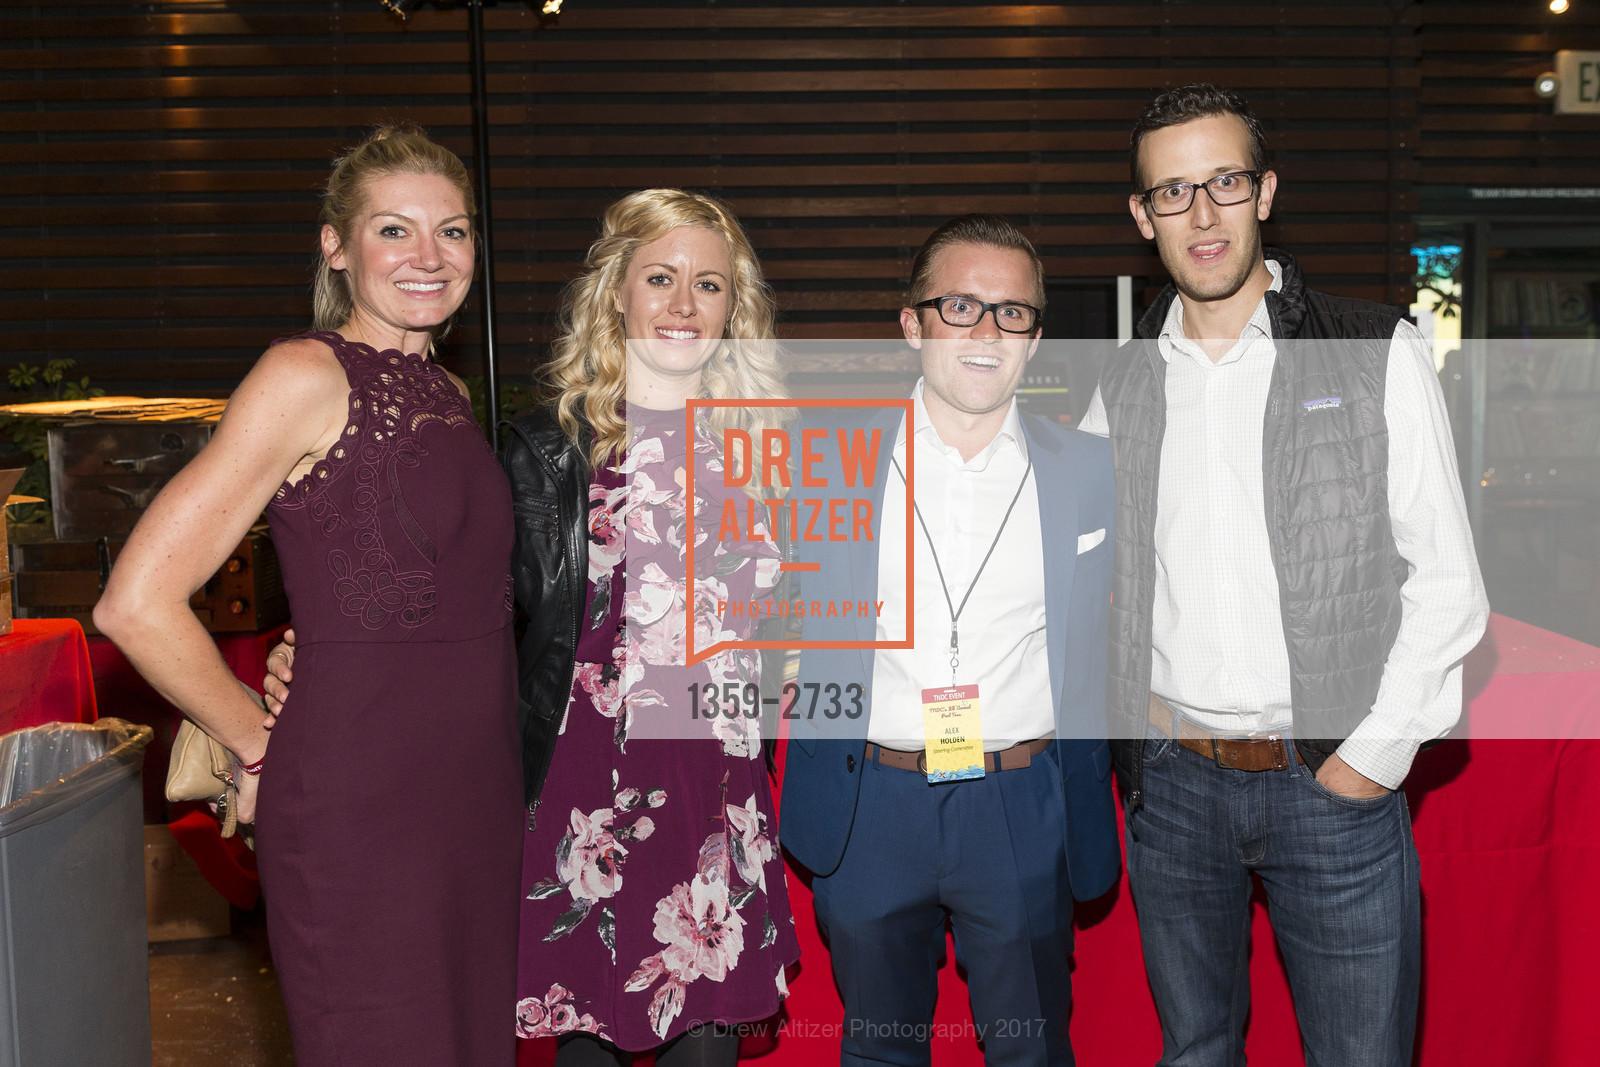 Shara Coletta, Brittany Dunn, Alex Holden, Alex Schiefer, Photo #1359-2733